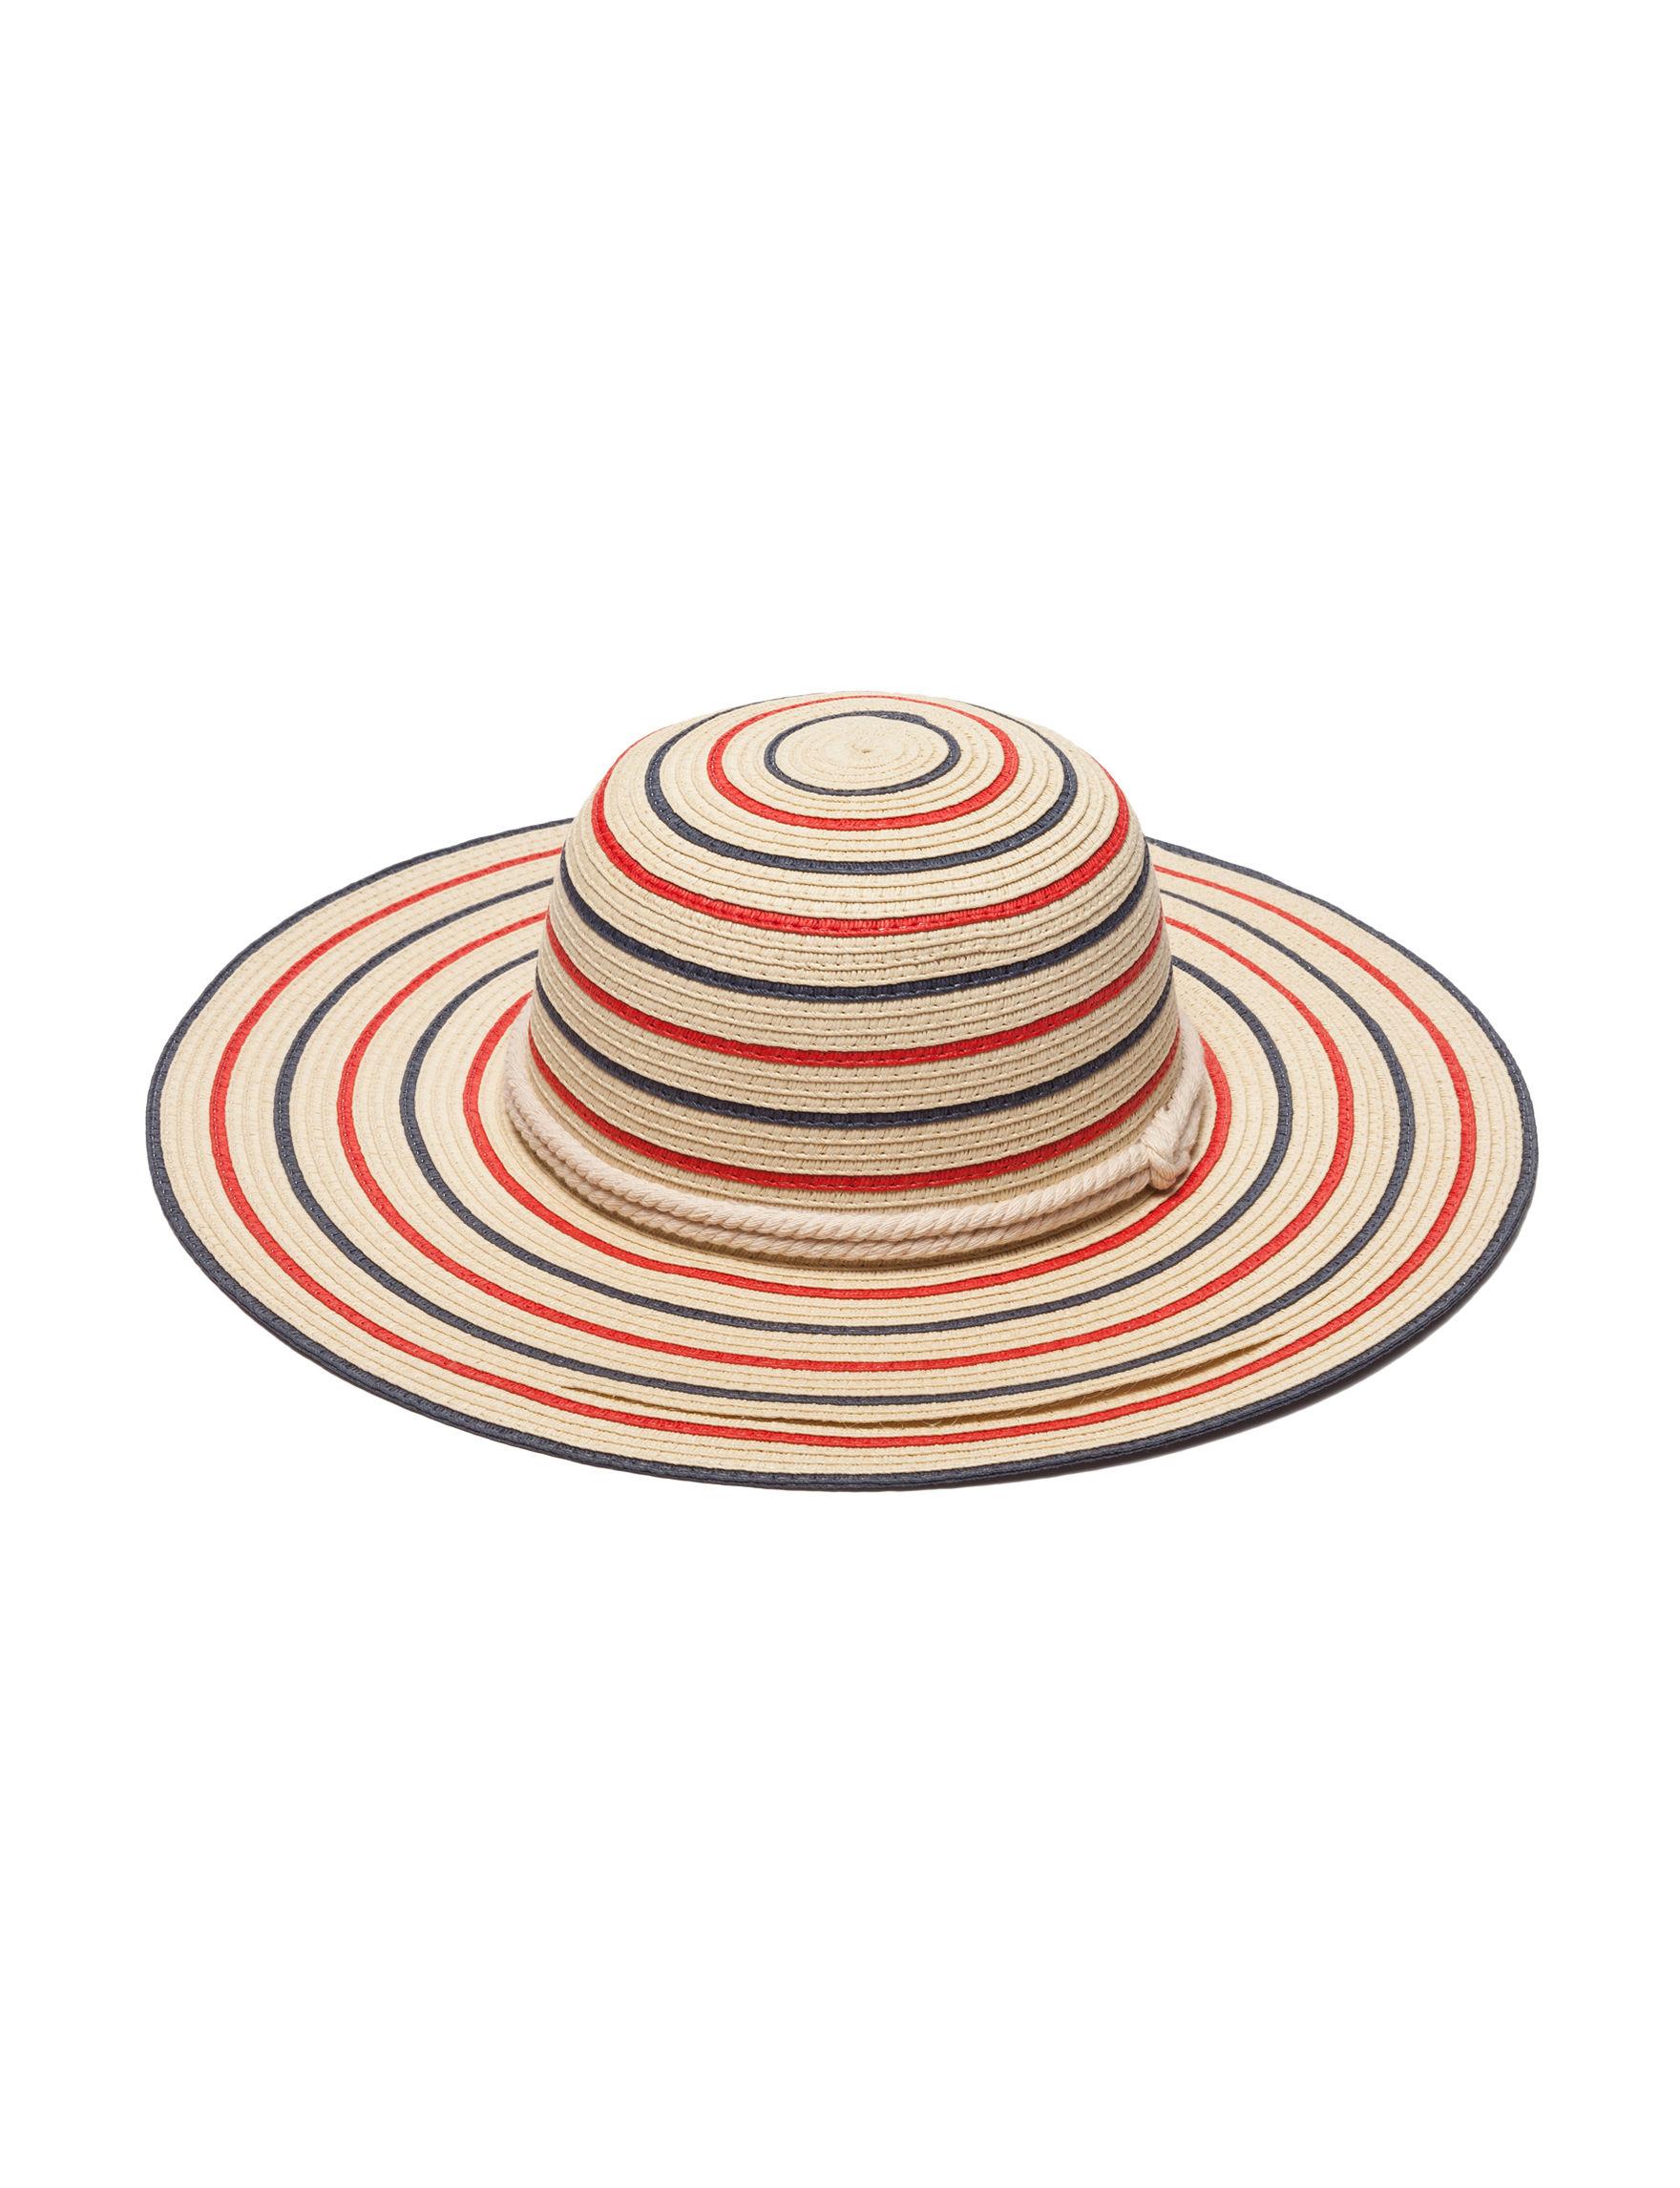 Chaps Beige Hats & Headwear